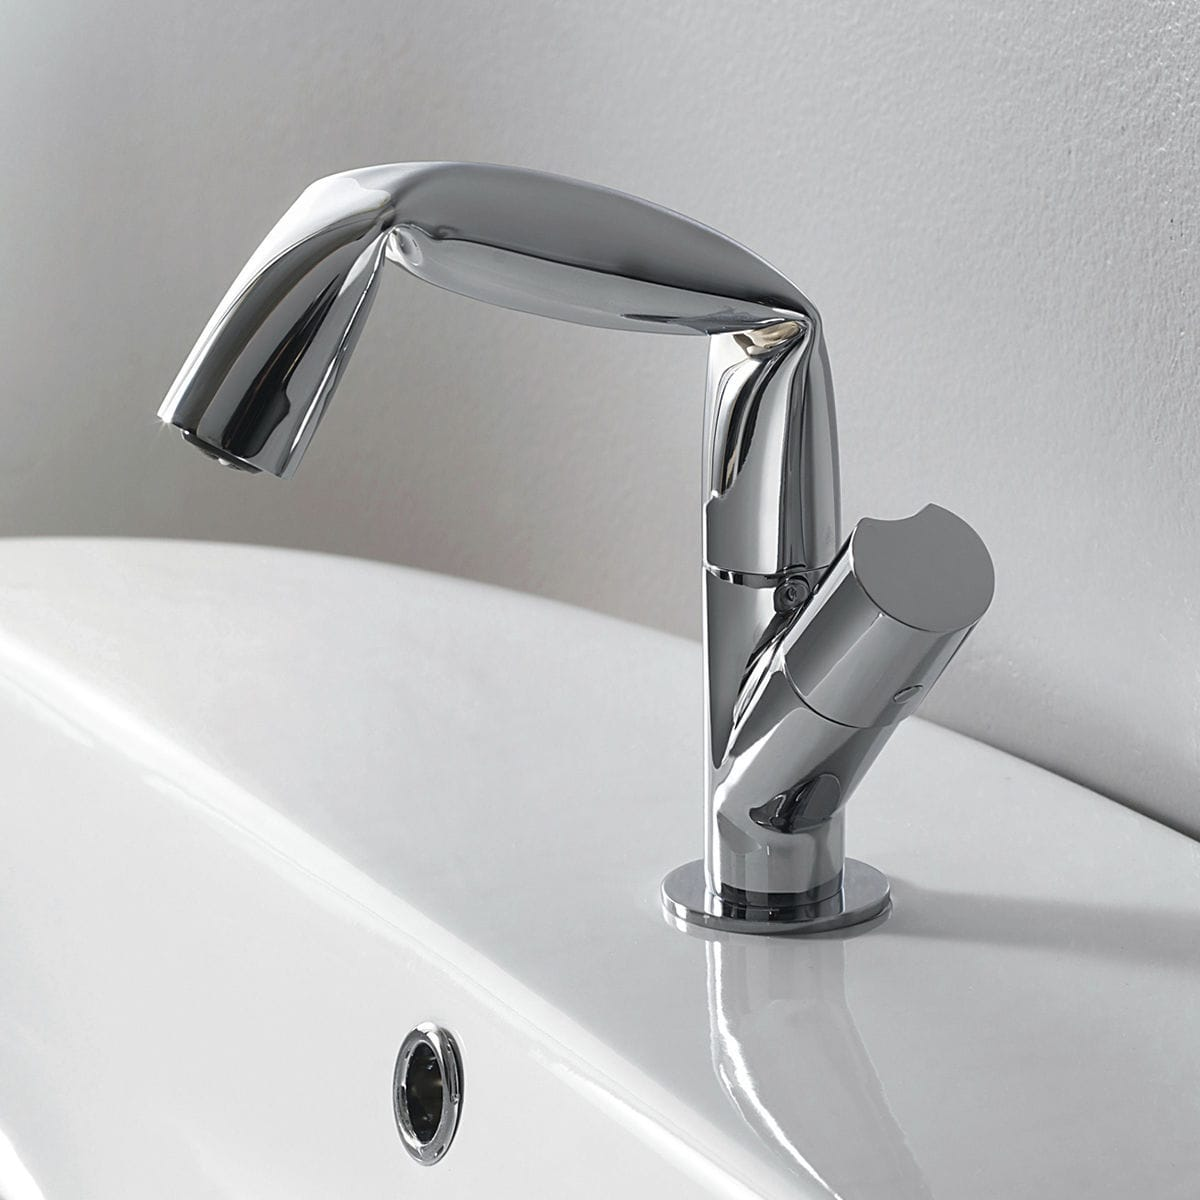 Etagere Pour Vasque A Poser mitigeur pour vasque / en laiton chromé / 1 trou - fold